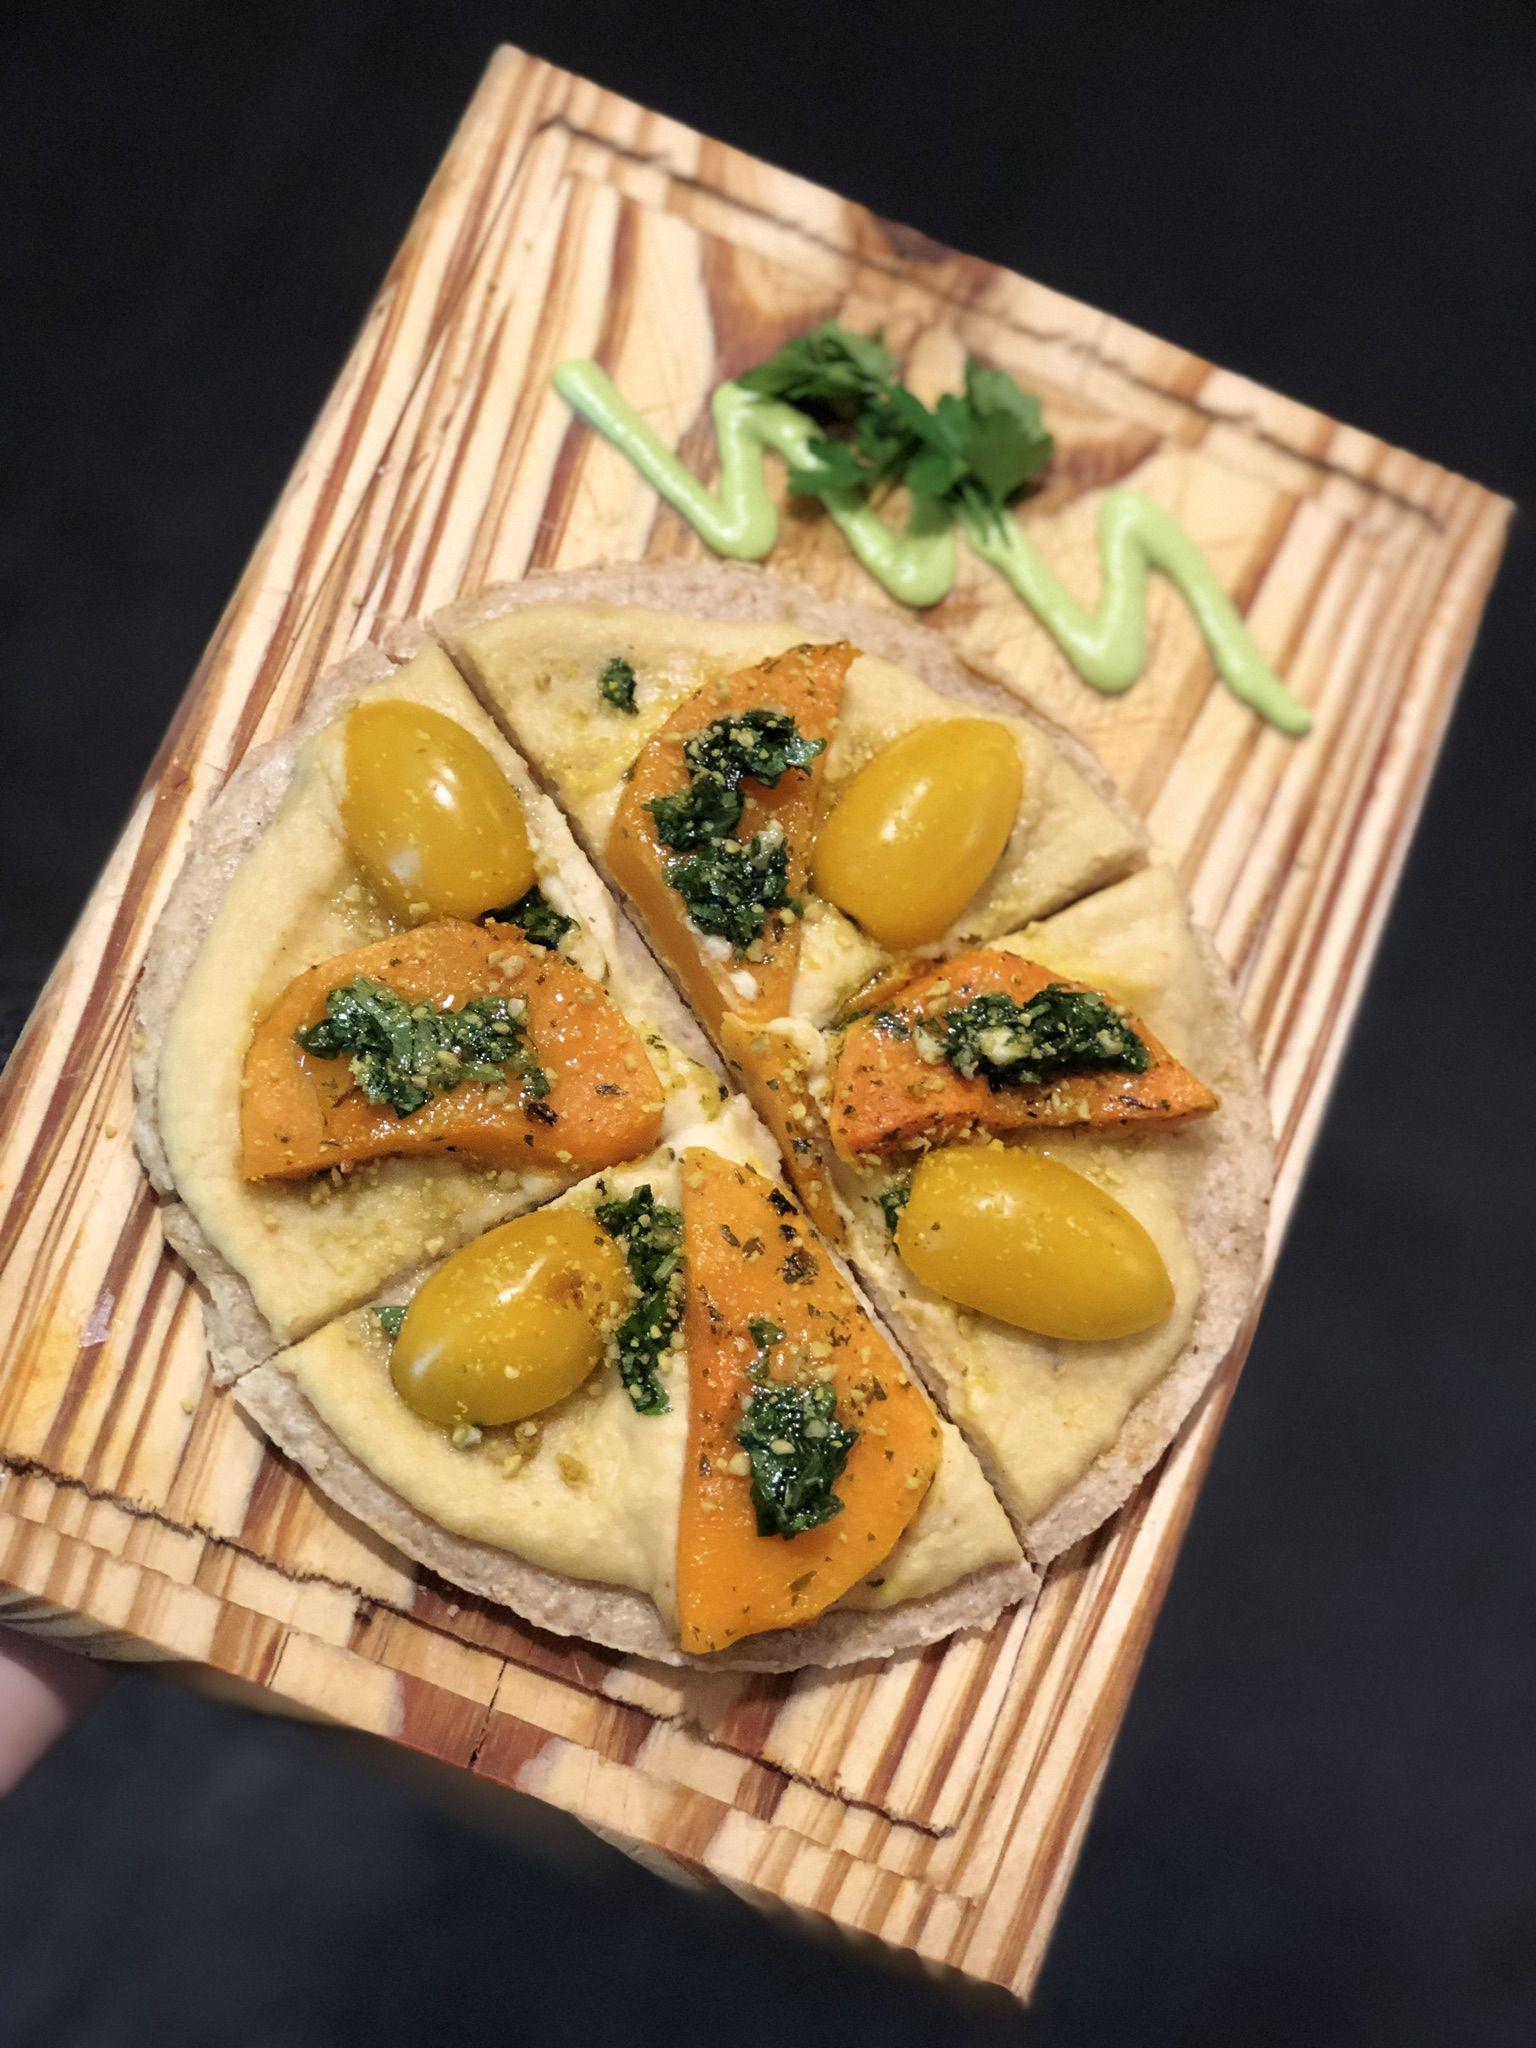 Pizza de masa madre, es una de las más pedidas en Mattinata